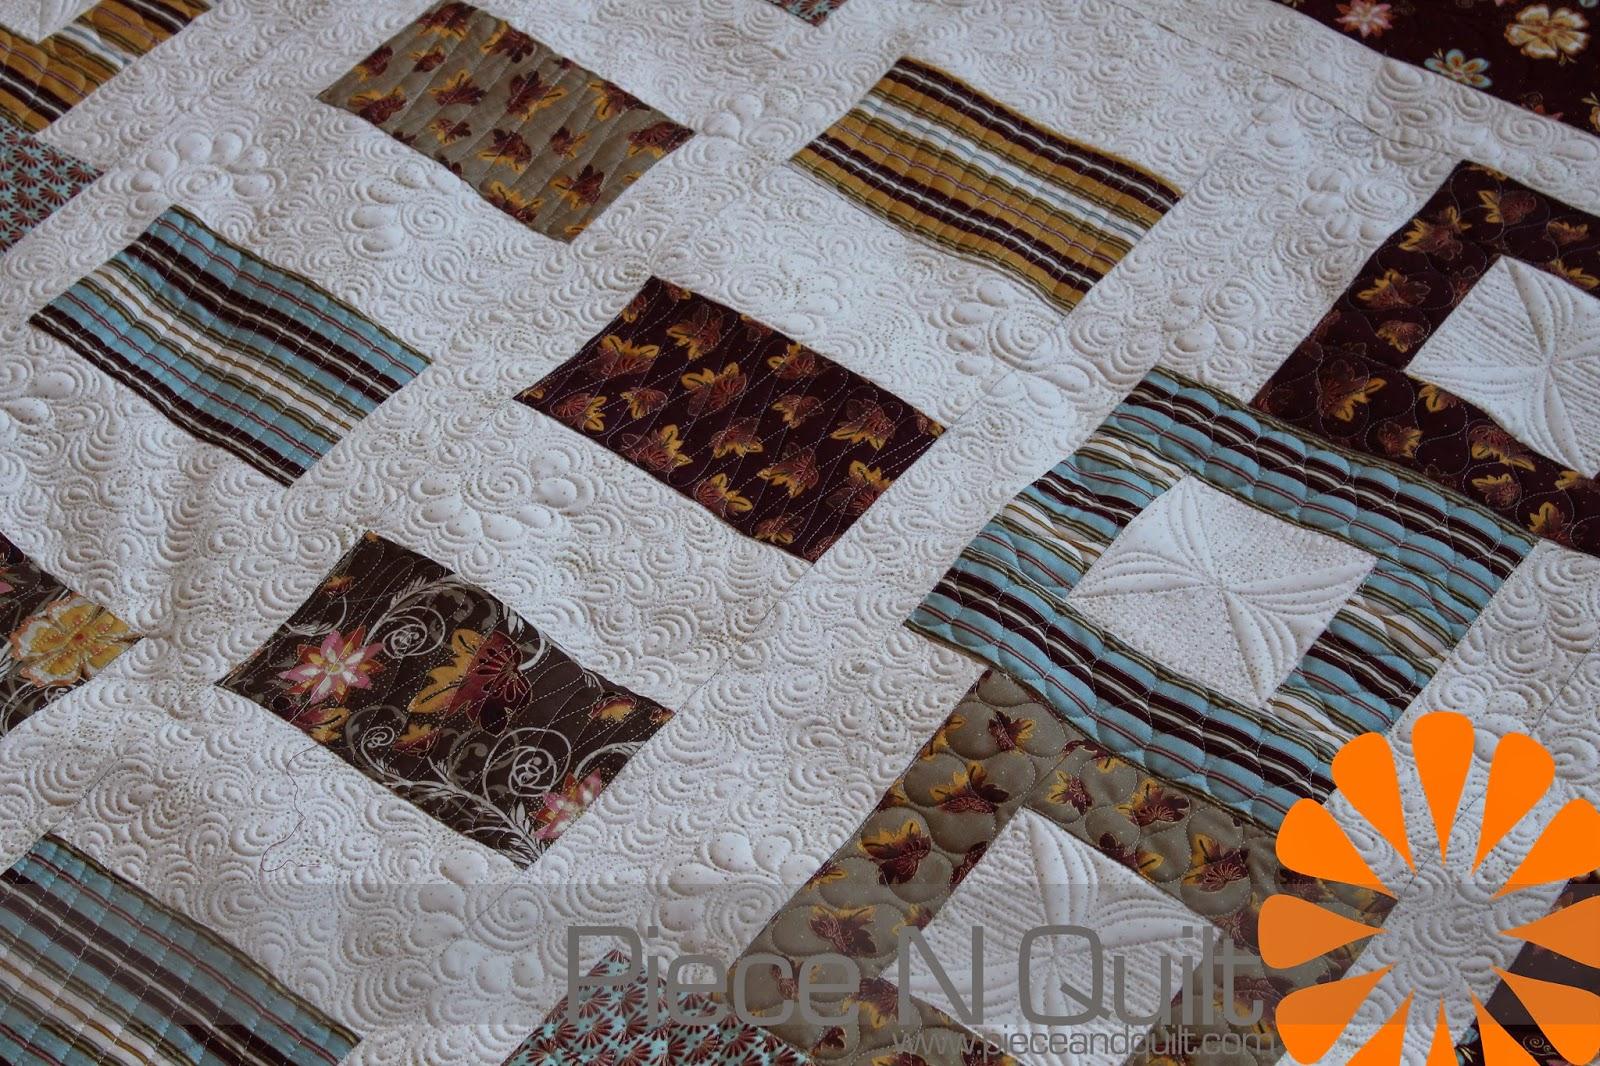 Quilting Patterns Tumbling Blocks : Piece N Quilt: Tumbling Blocks - Custom Machine Quilting